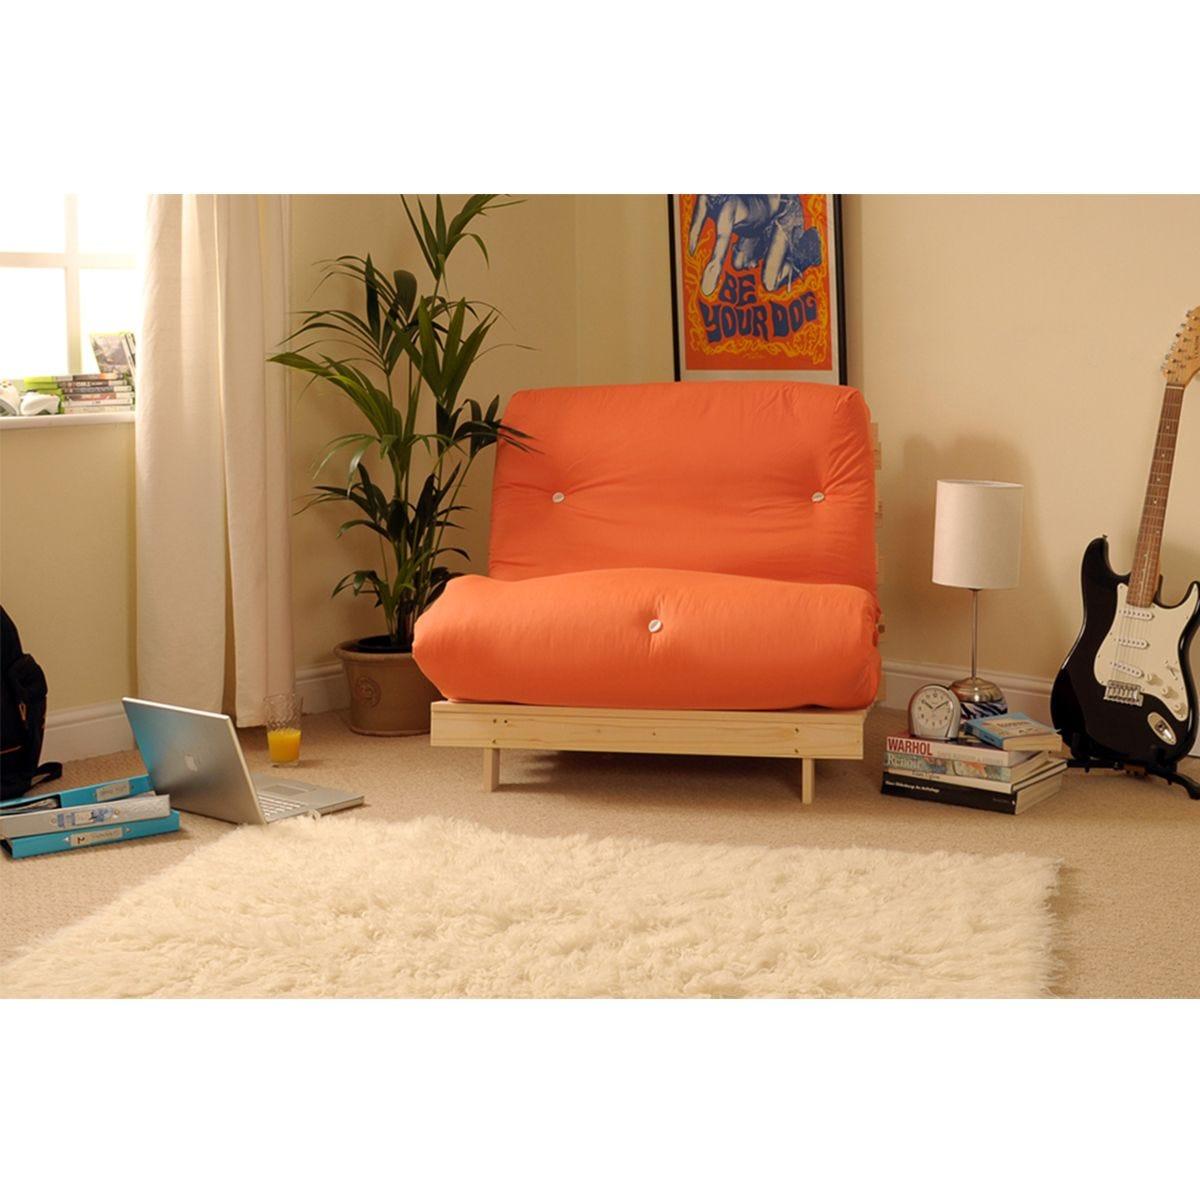 Albury Orange Futon Set With Tufted Mattress - Single